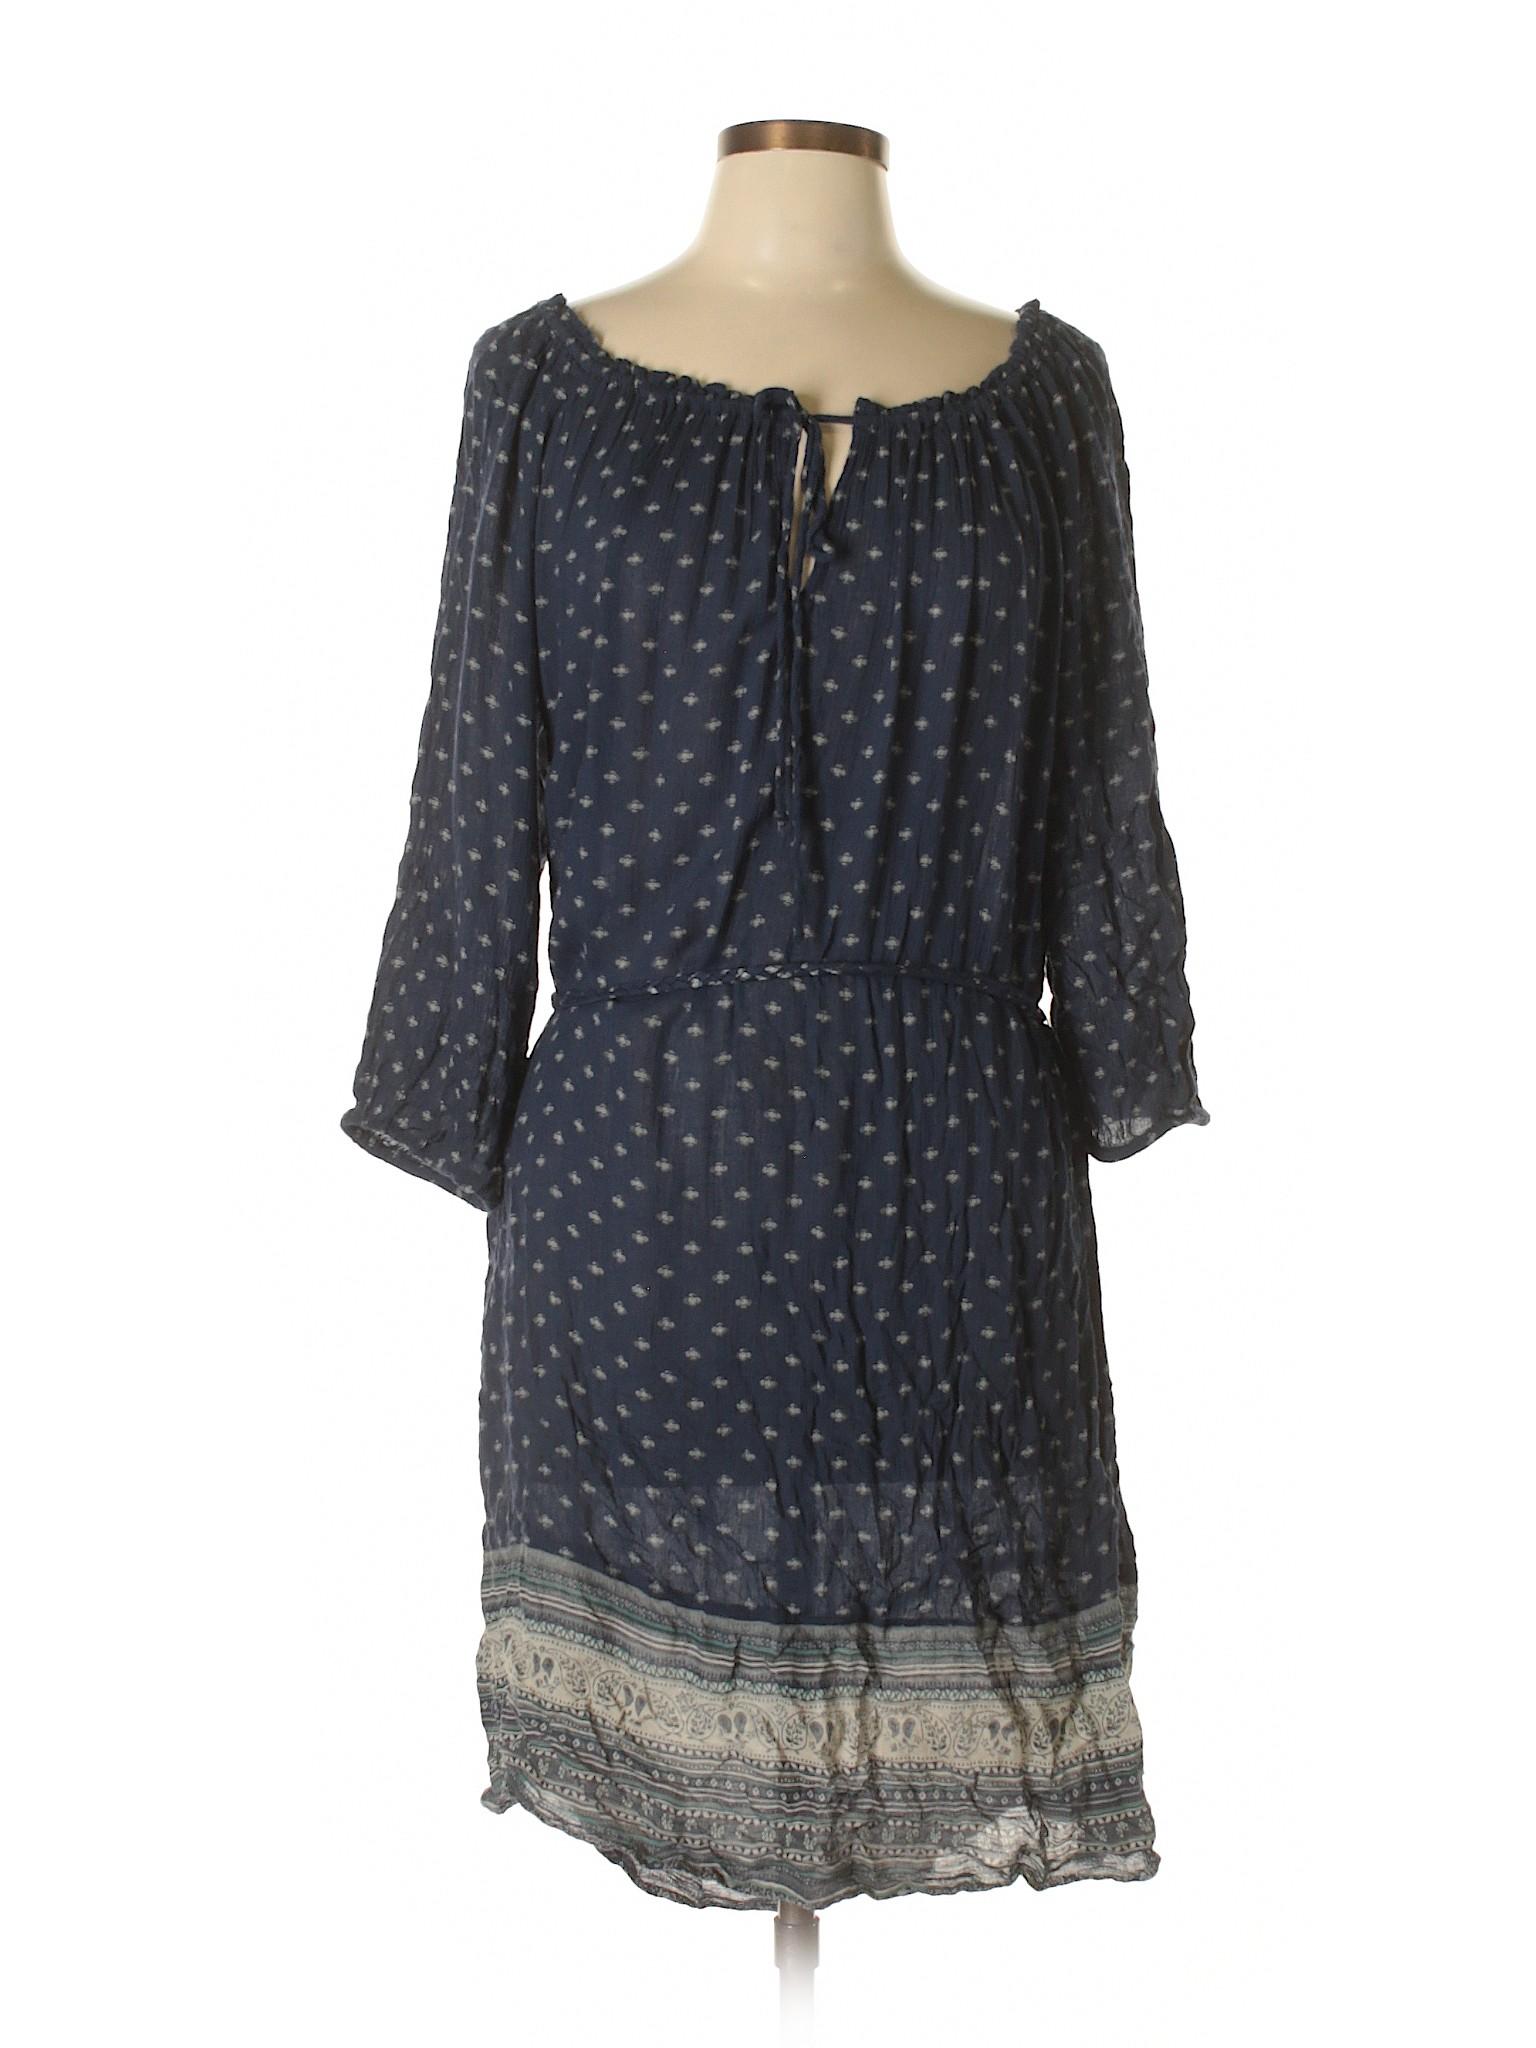 L O Selling G H G Dress Casual amp;M qwwSvtxAE